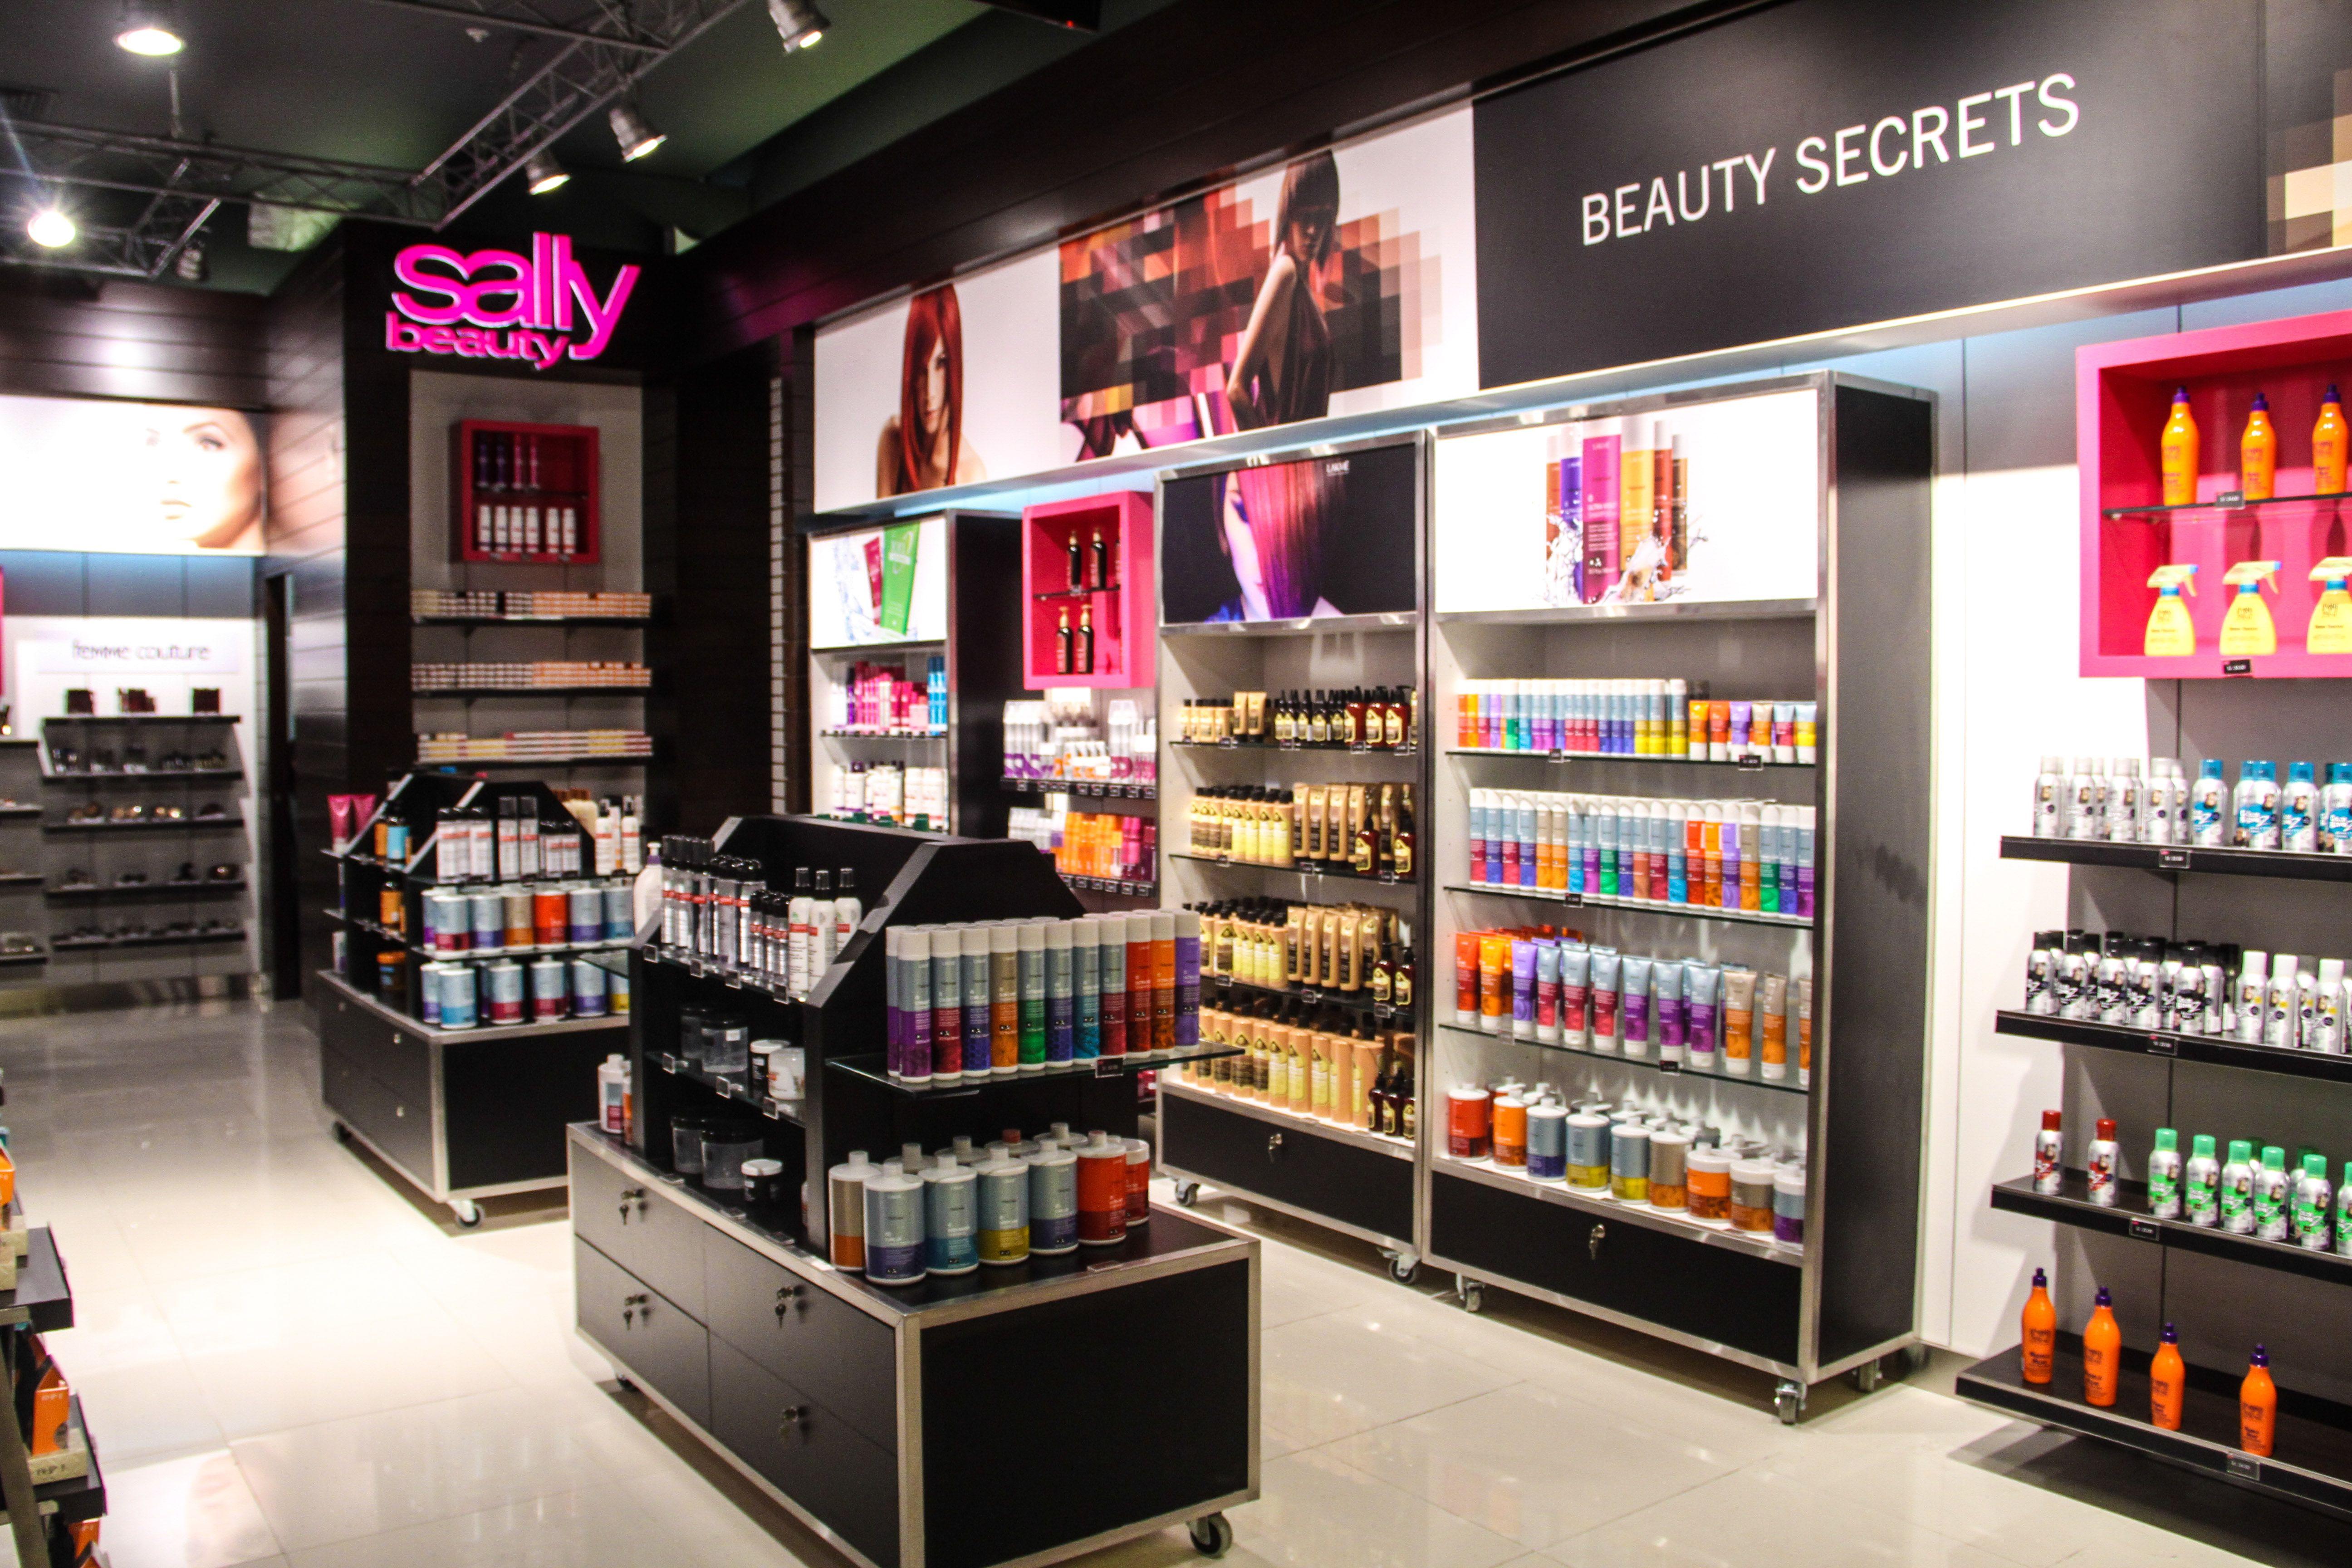 Conociendo Sally Beauty Perú | tienda maquillaje en 2019 ...